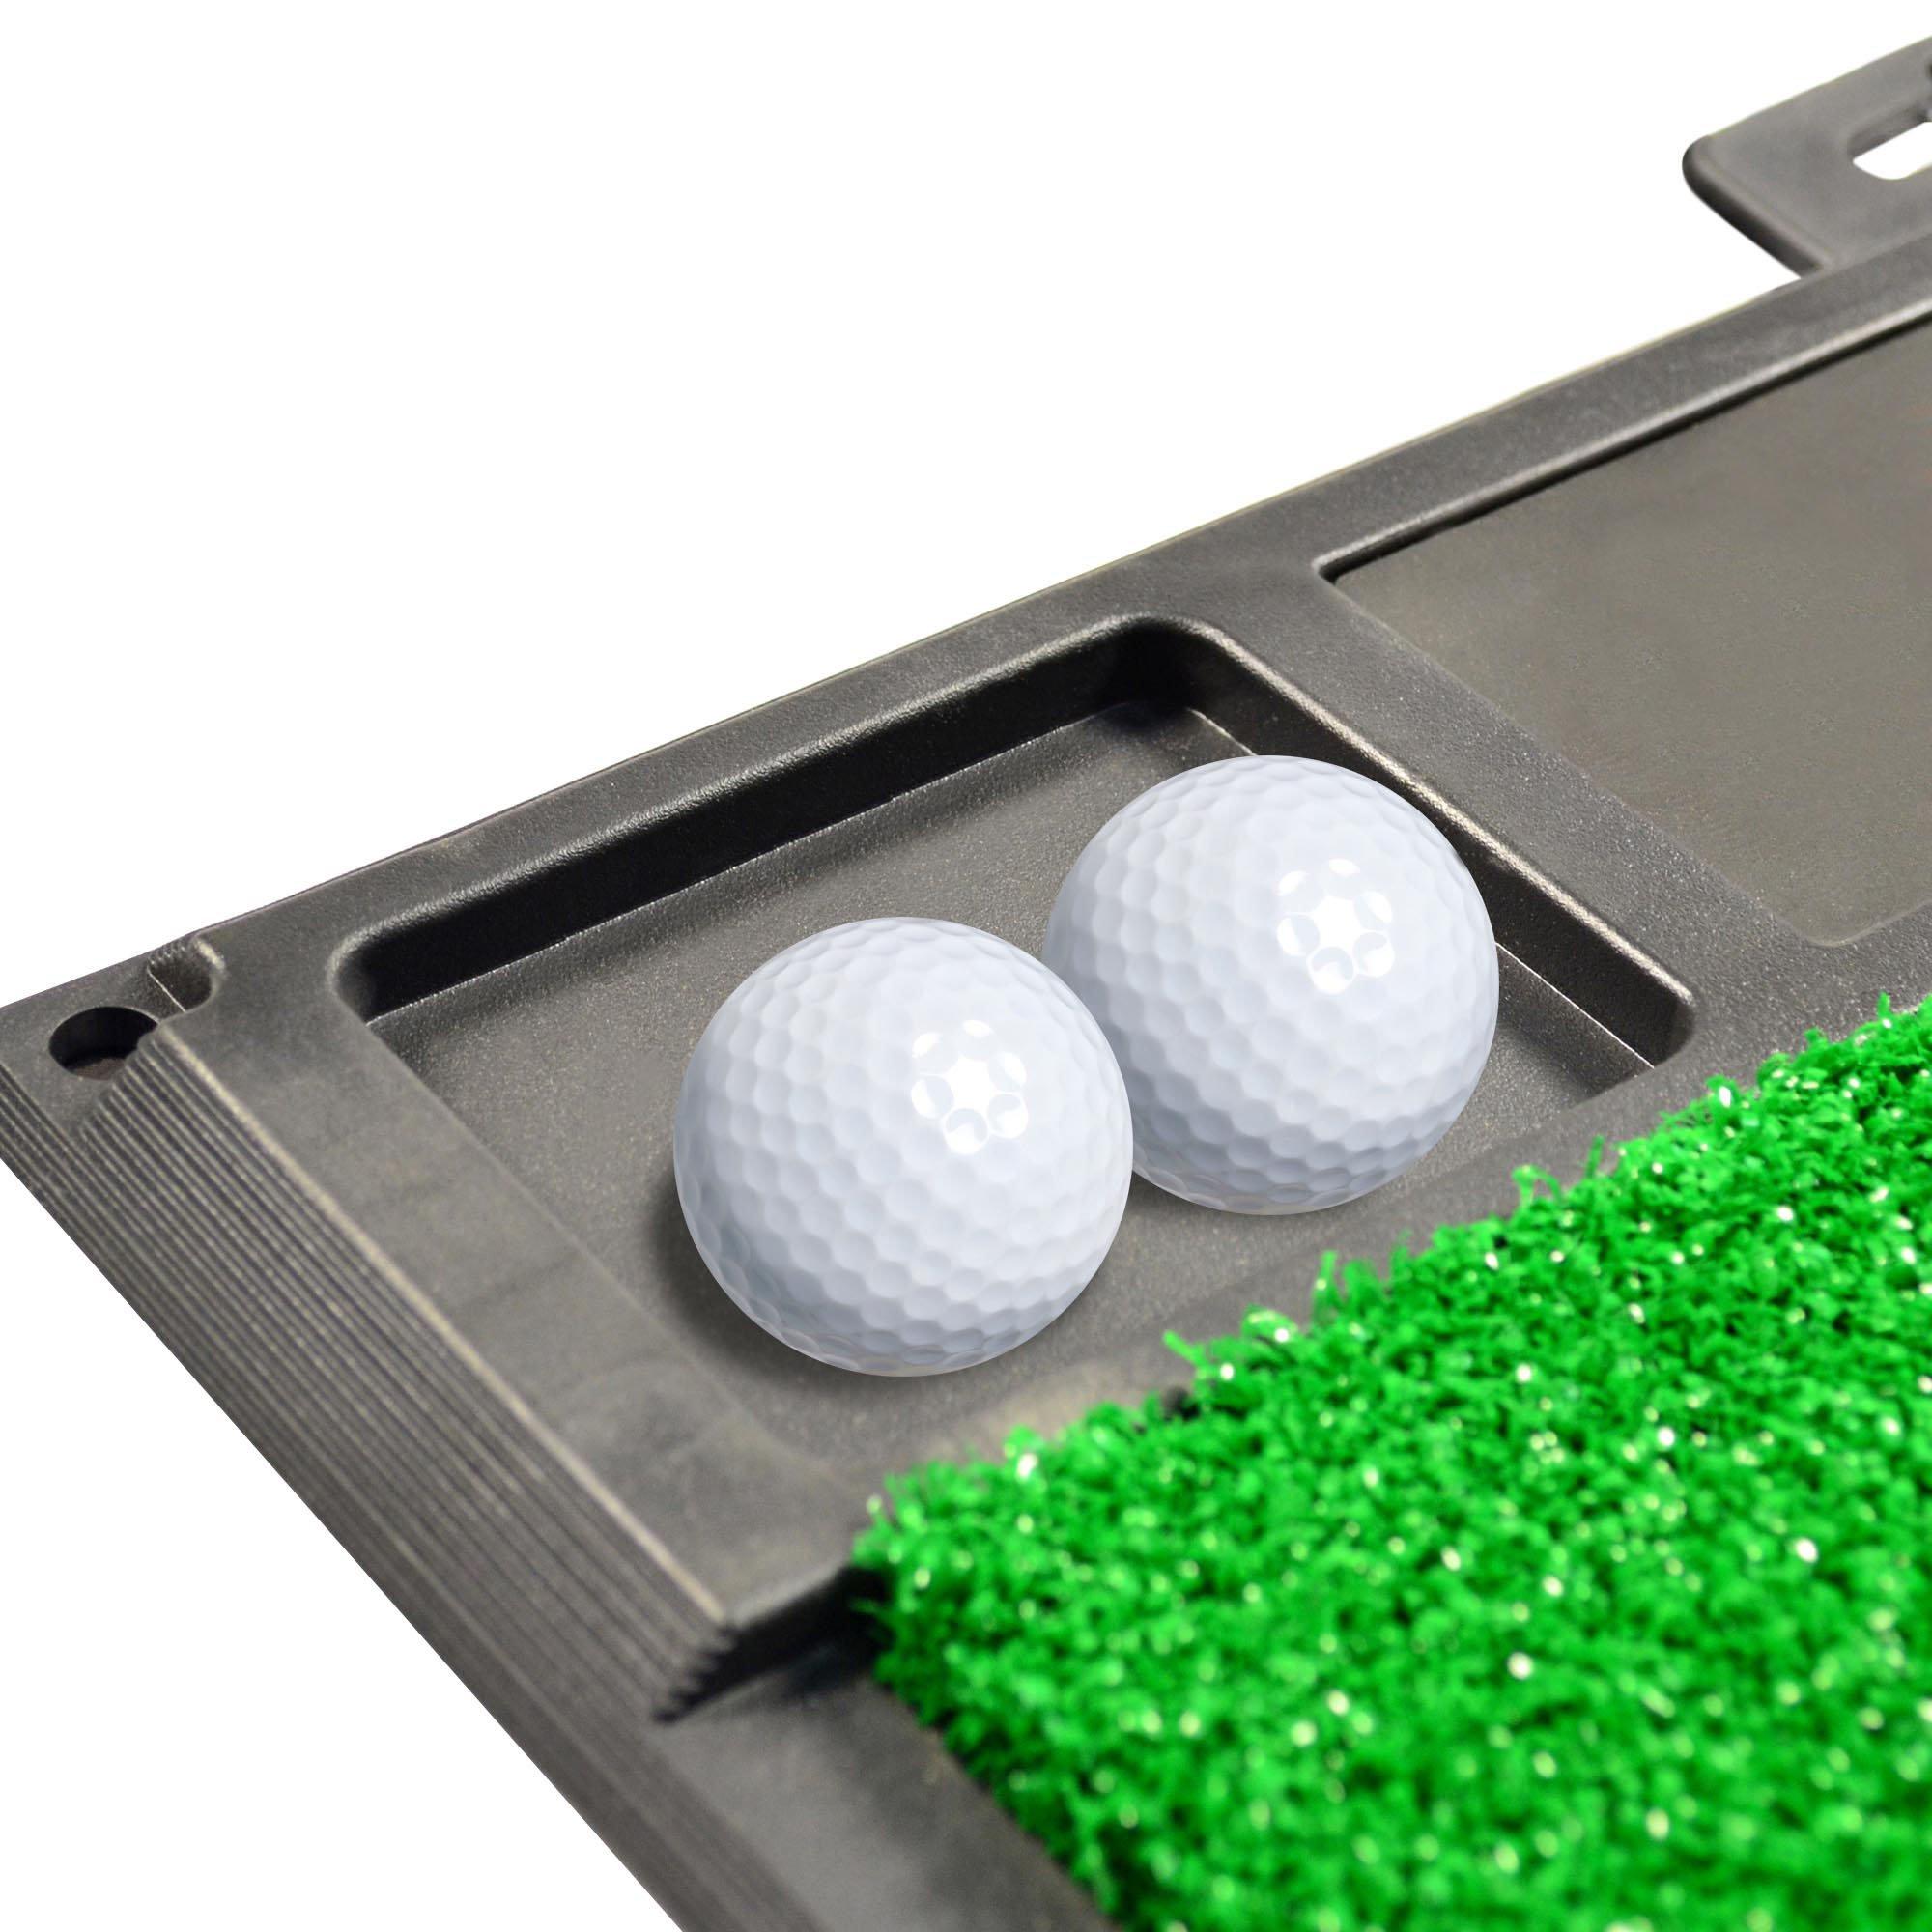 Fanmats 15489 Auburn University Golf Hitting Mat by Fanmats (Image #3)